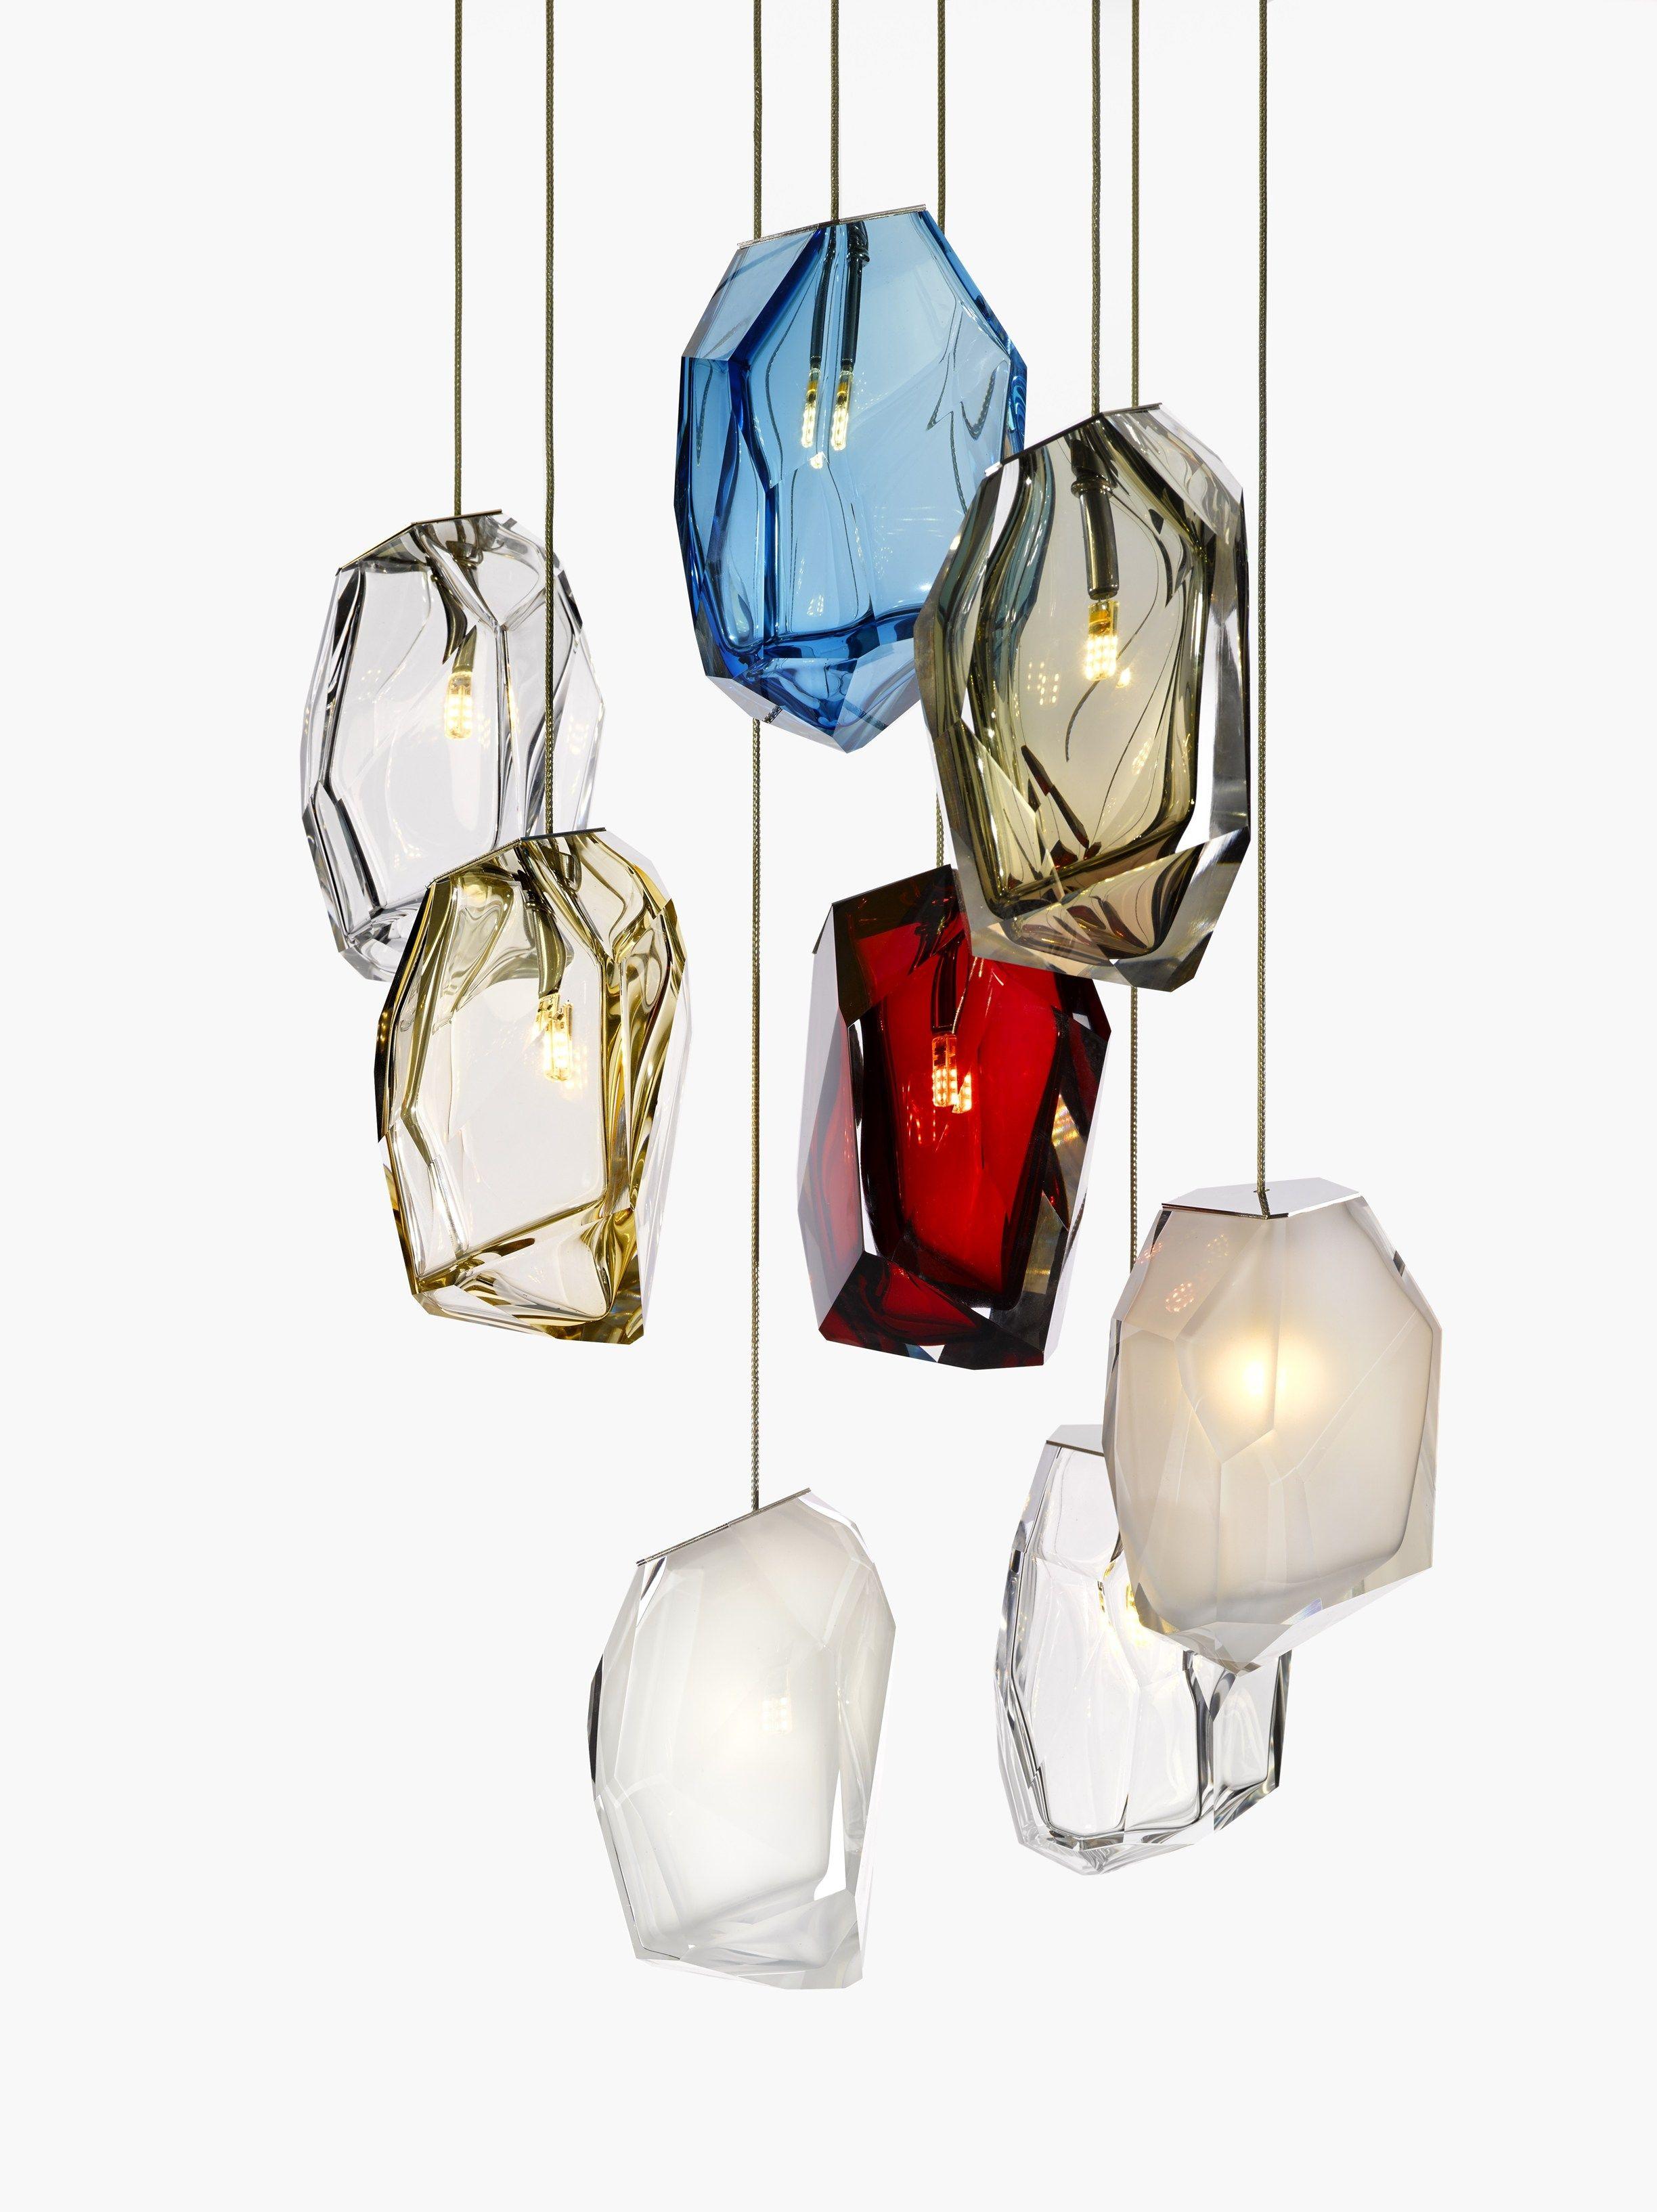 Lampade vetro design: lampada fibra di vetro colorata design ...